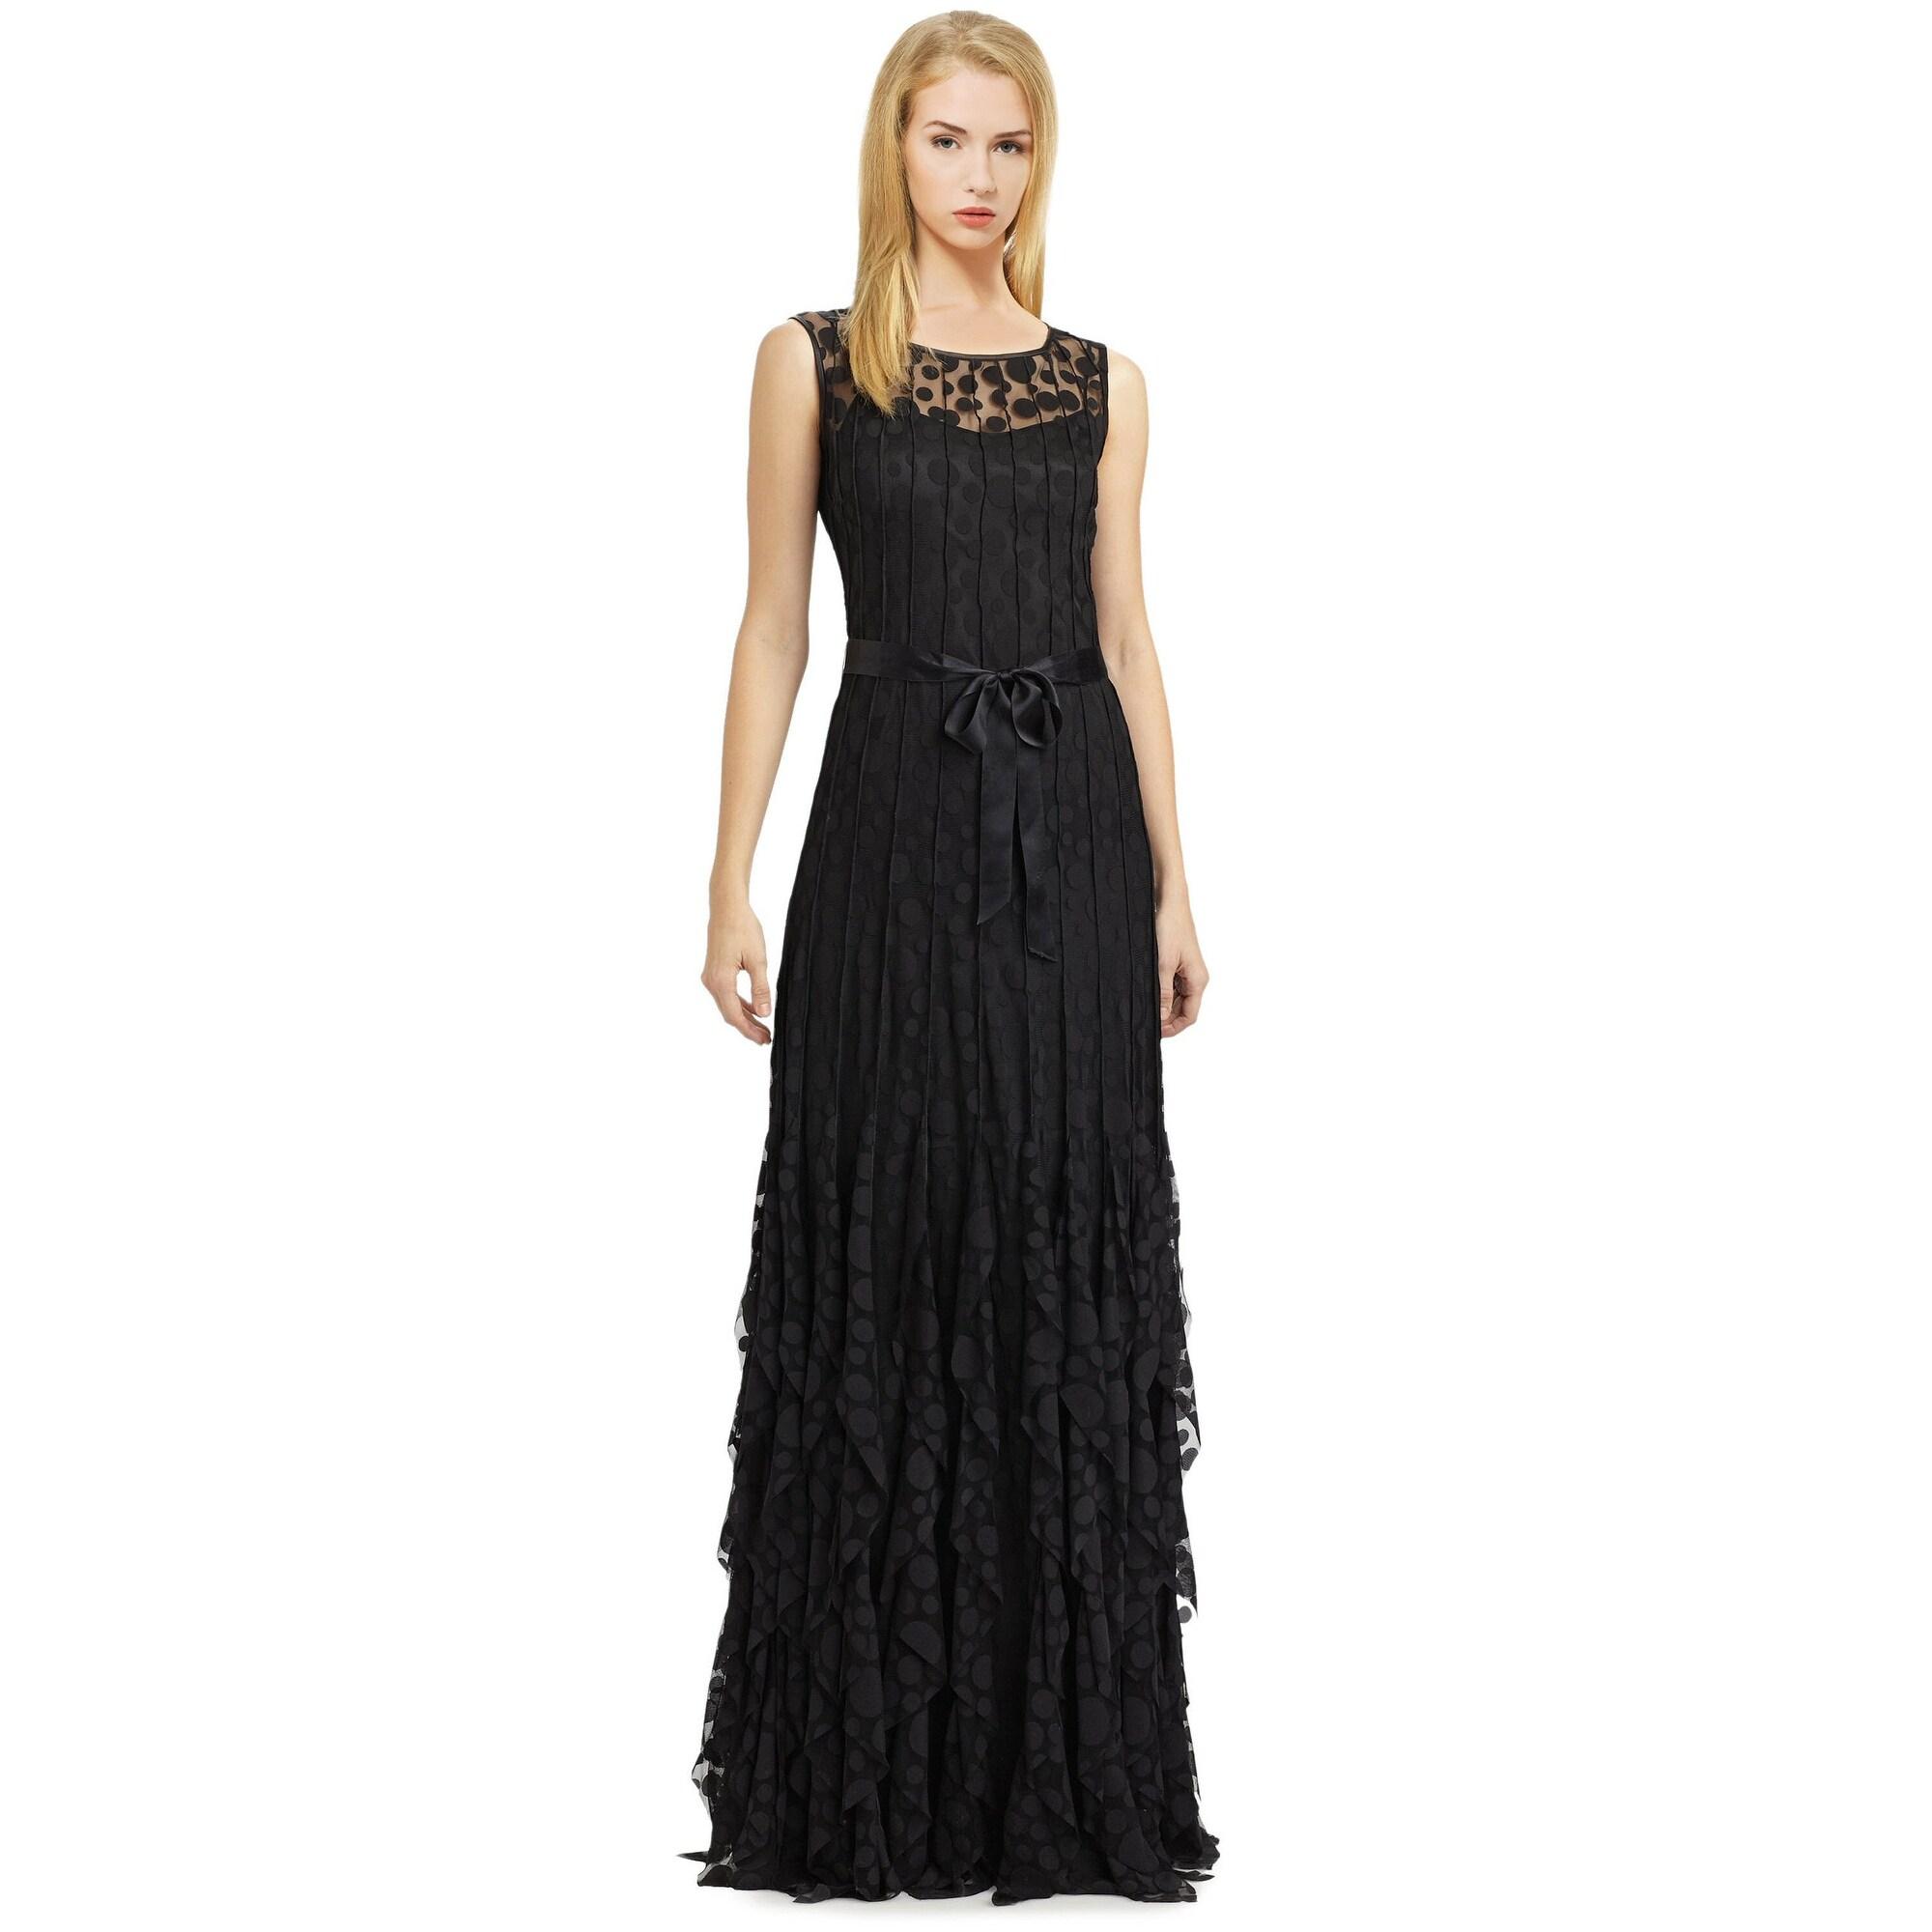 Teri Jon Pintuck Dot Ruffle Sleeveless Evening Gown Dress - 12 ...